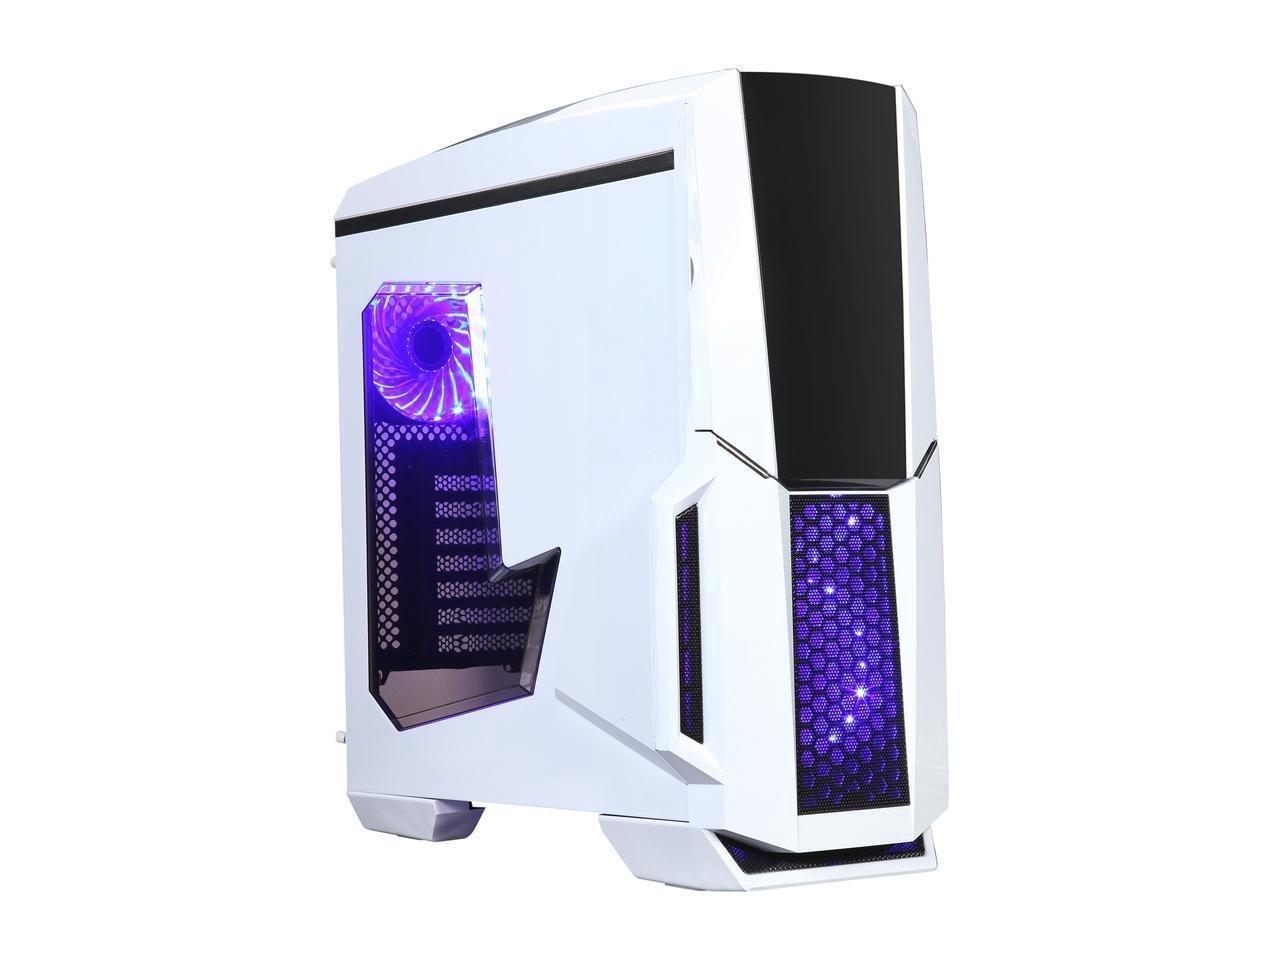 Diypc Gamemax W Rgb White Dual Usb 3 0 Atx Full Tower